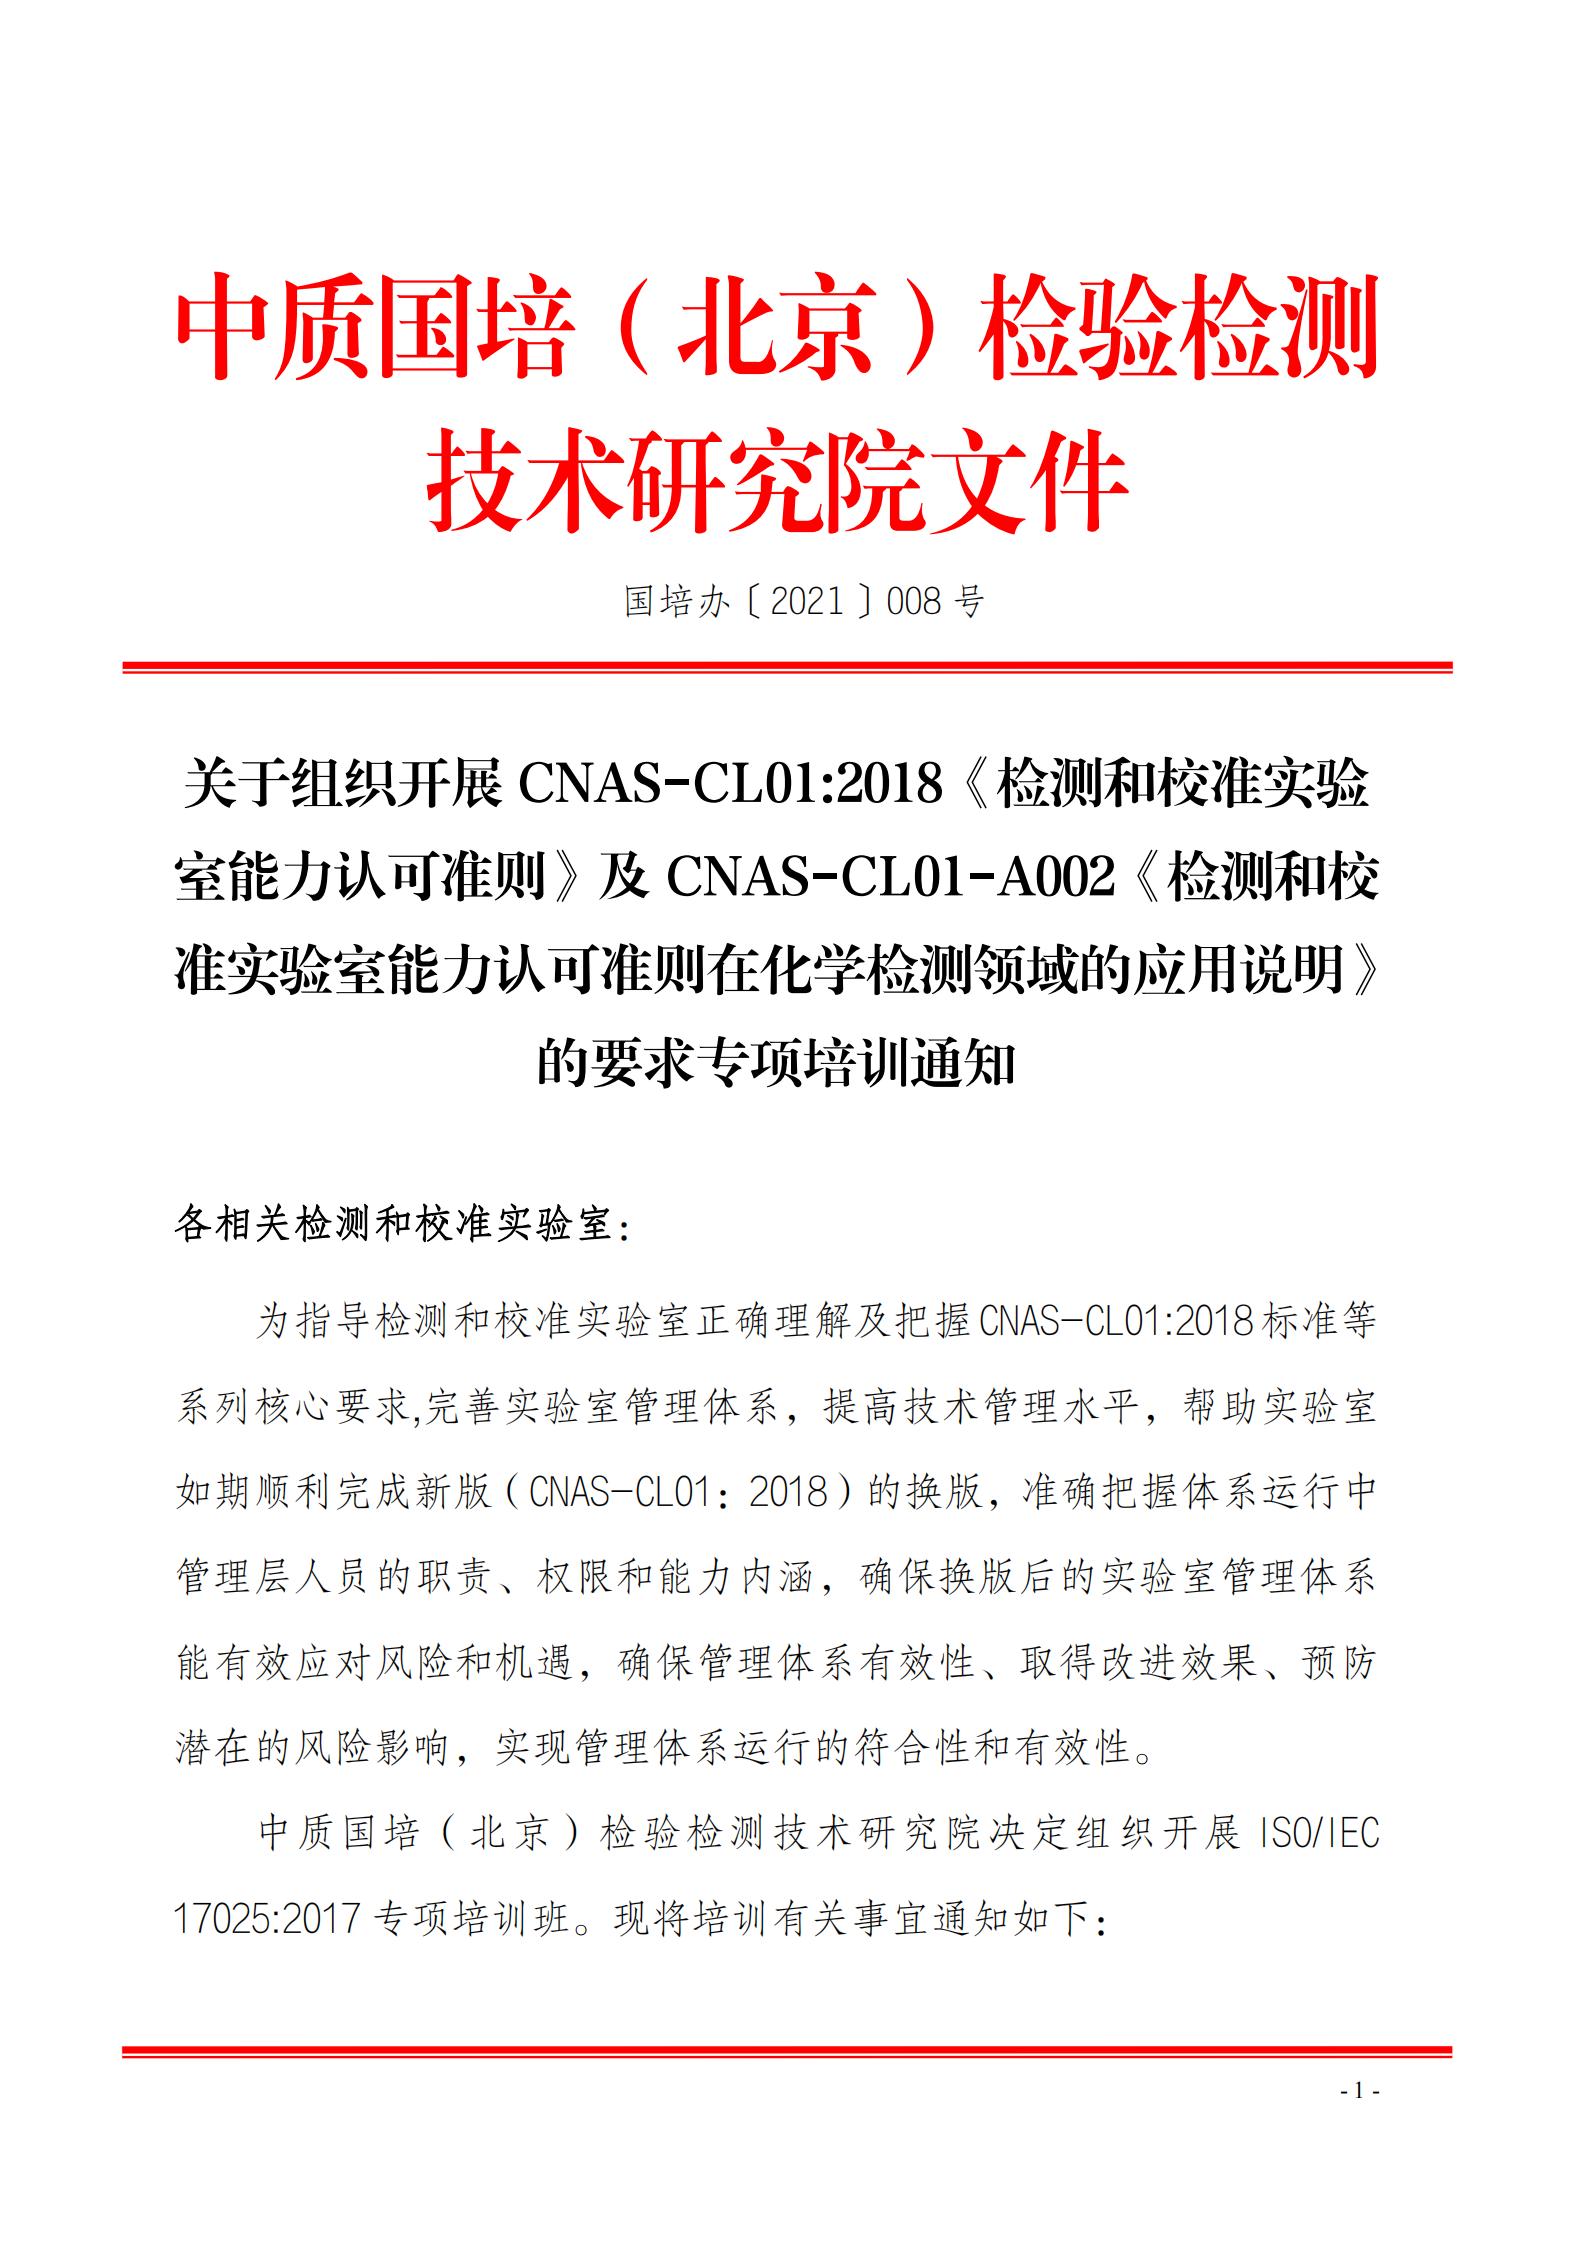 3.CNAS-CL012018-林海_00.png